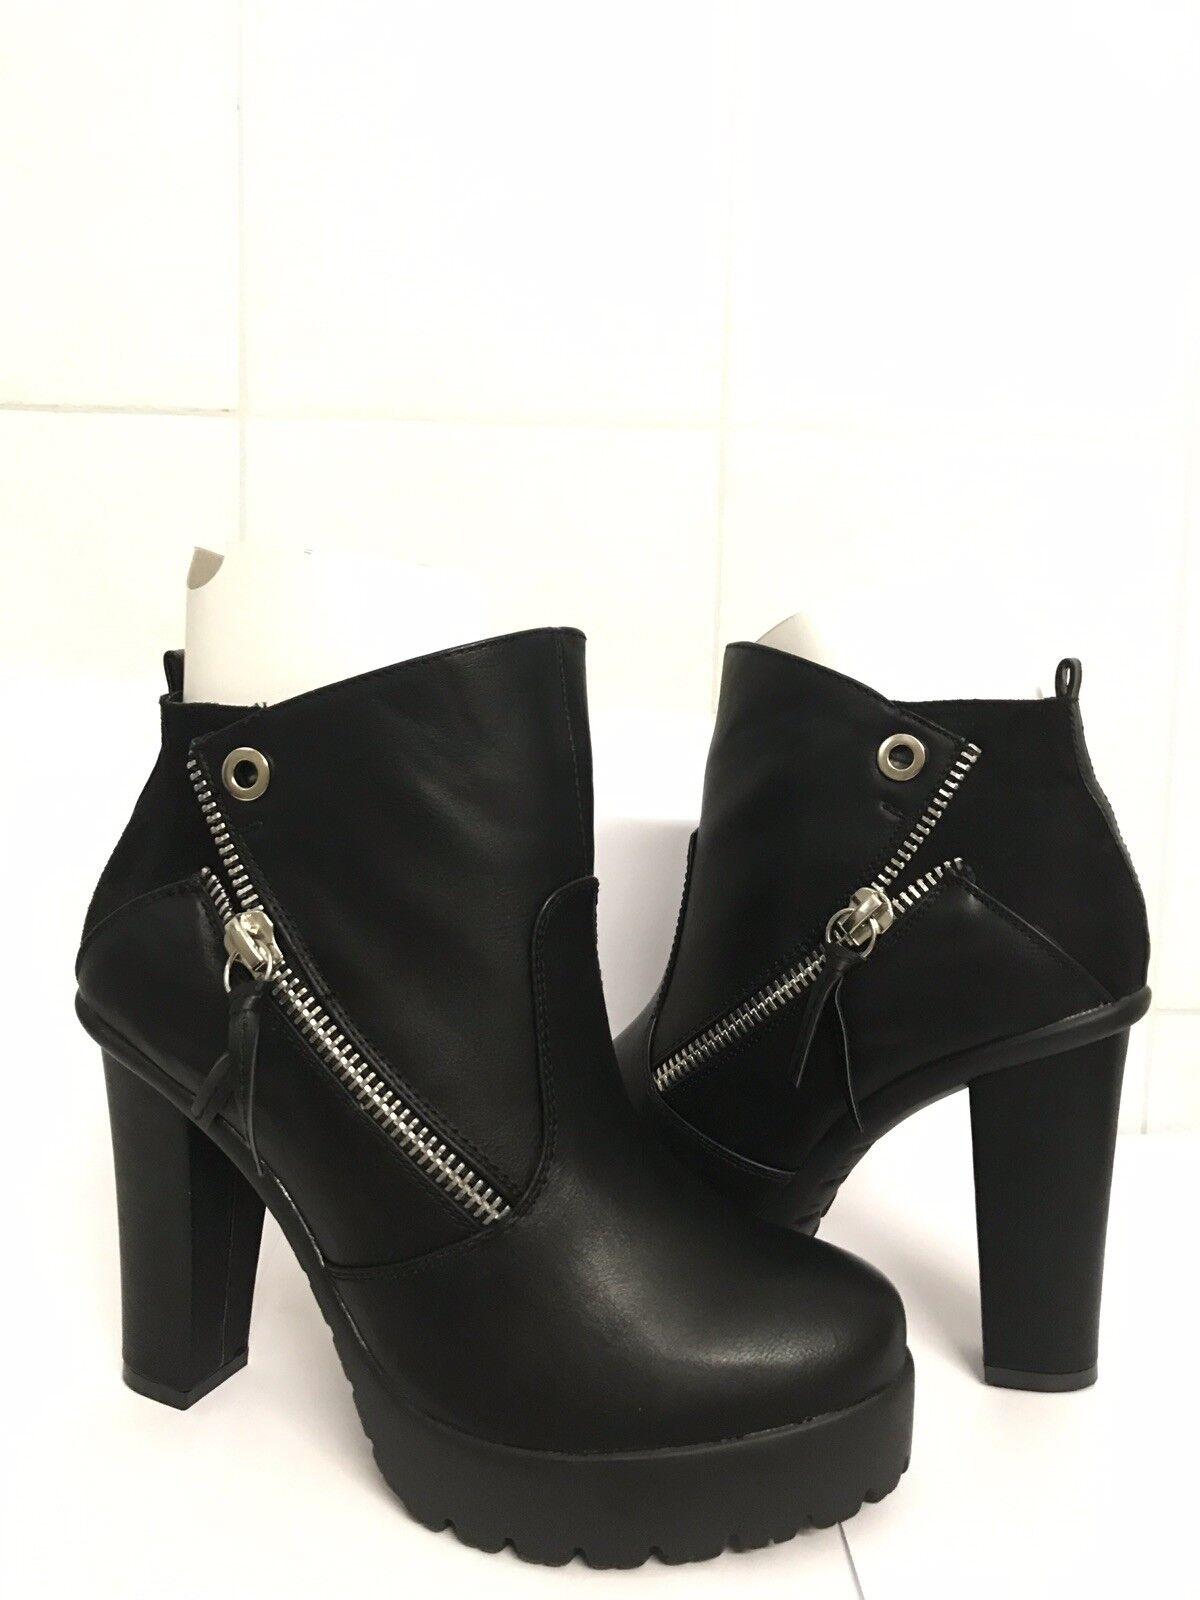 Schwarze Blockabsatz Schuhe Stiefeletten Größe 41 JustFab Neue mit karton